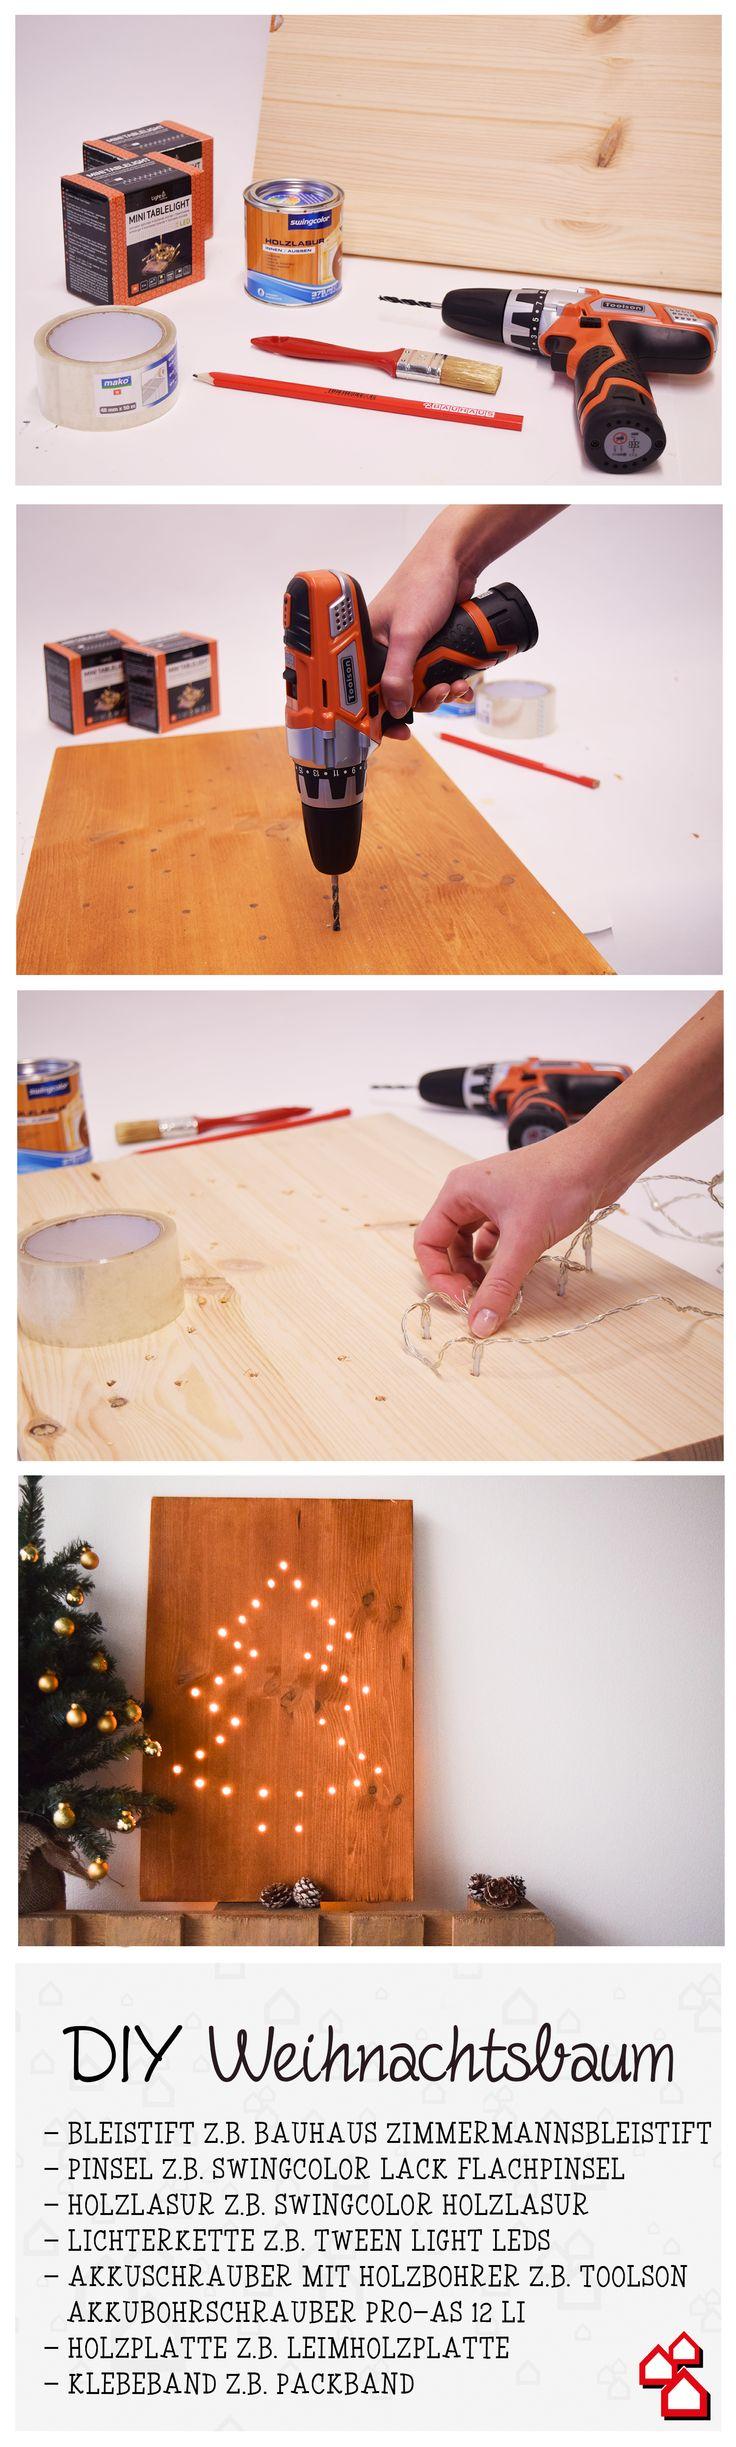 Weil ein Holzbrett nicht einfach nur ein Holzbrett ist, verwandeln wir es in einen leuchtenden Weihnachtsbaum. #DIY